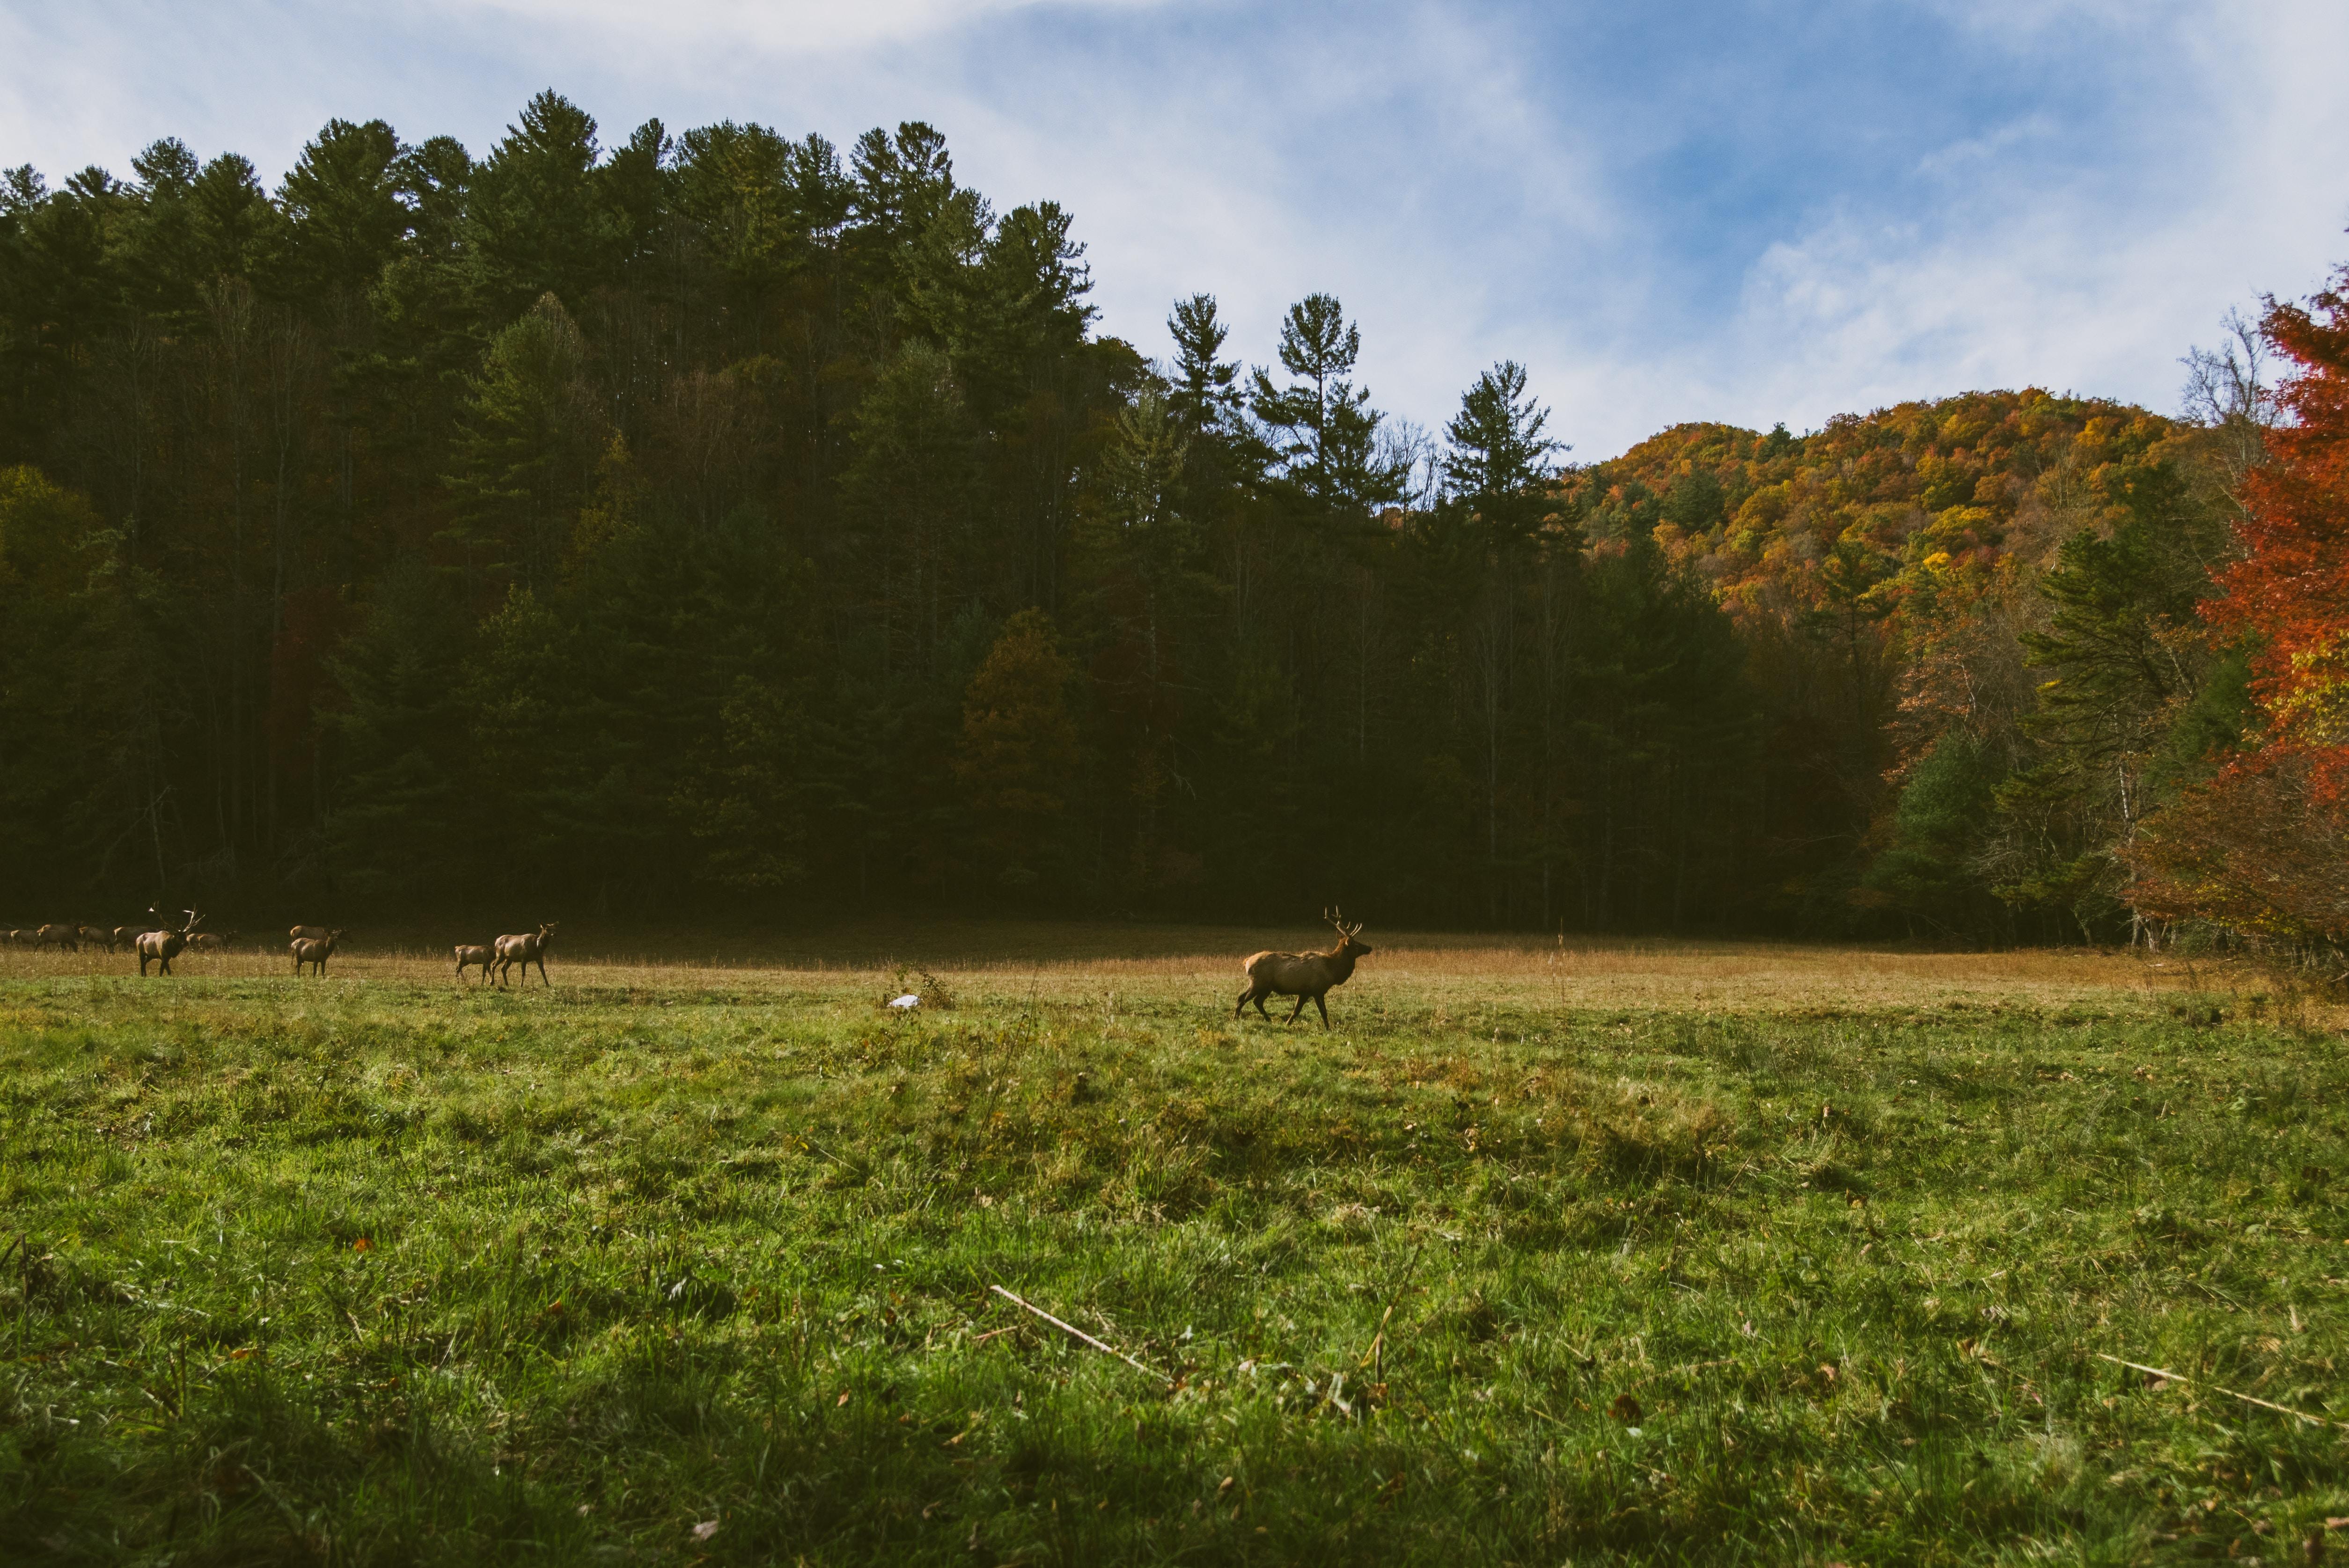 deer walking through grass field